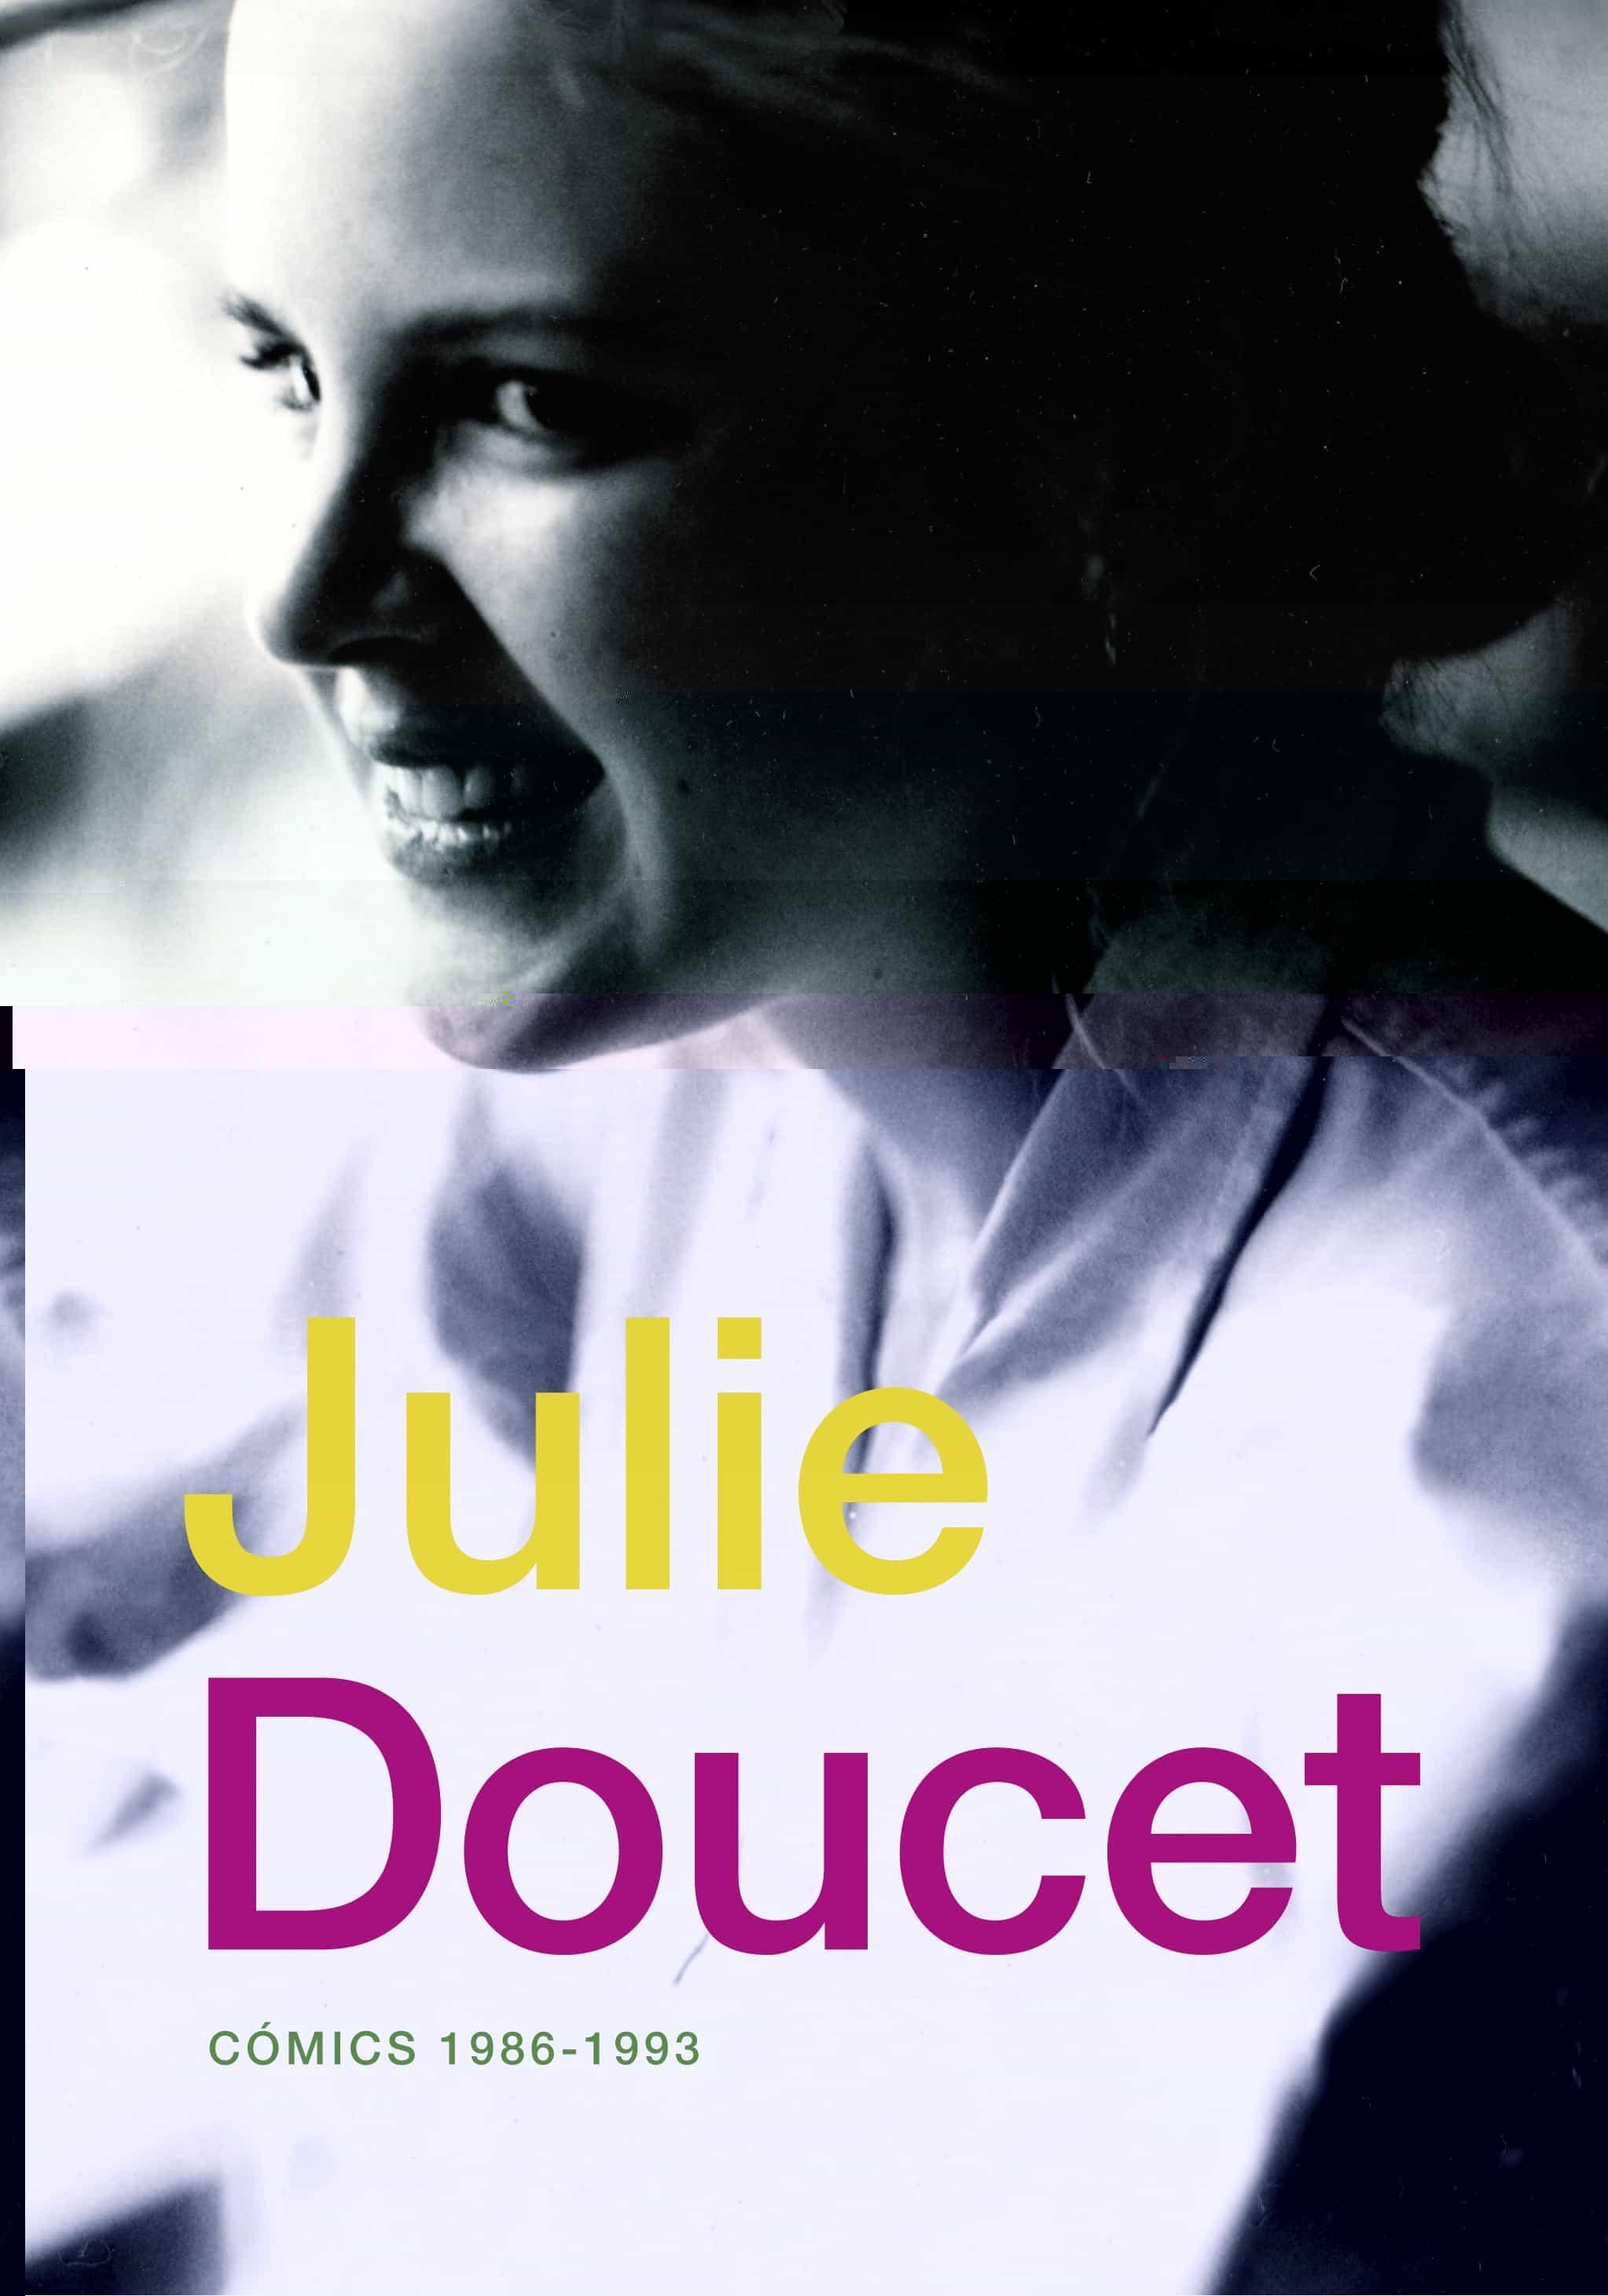 comics 1986-1993-julie doucet-9788416167067